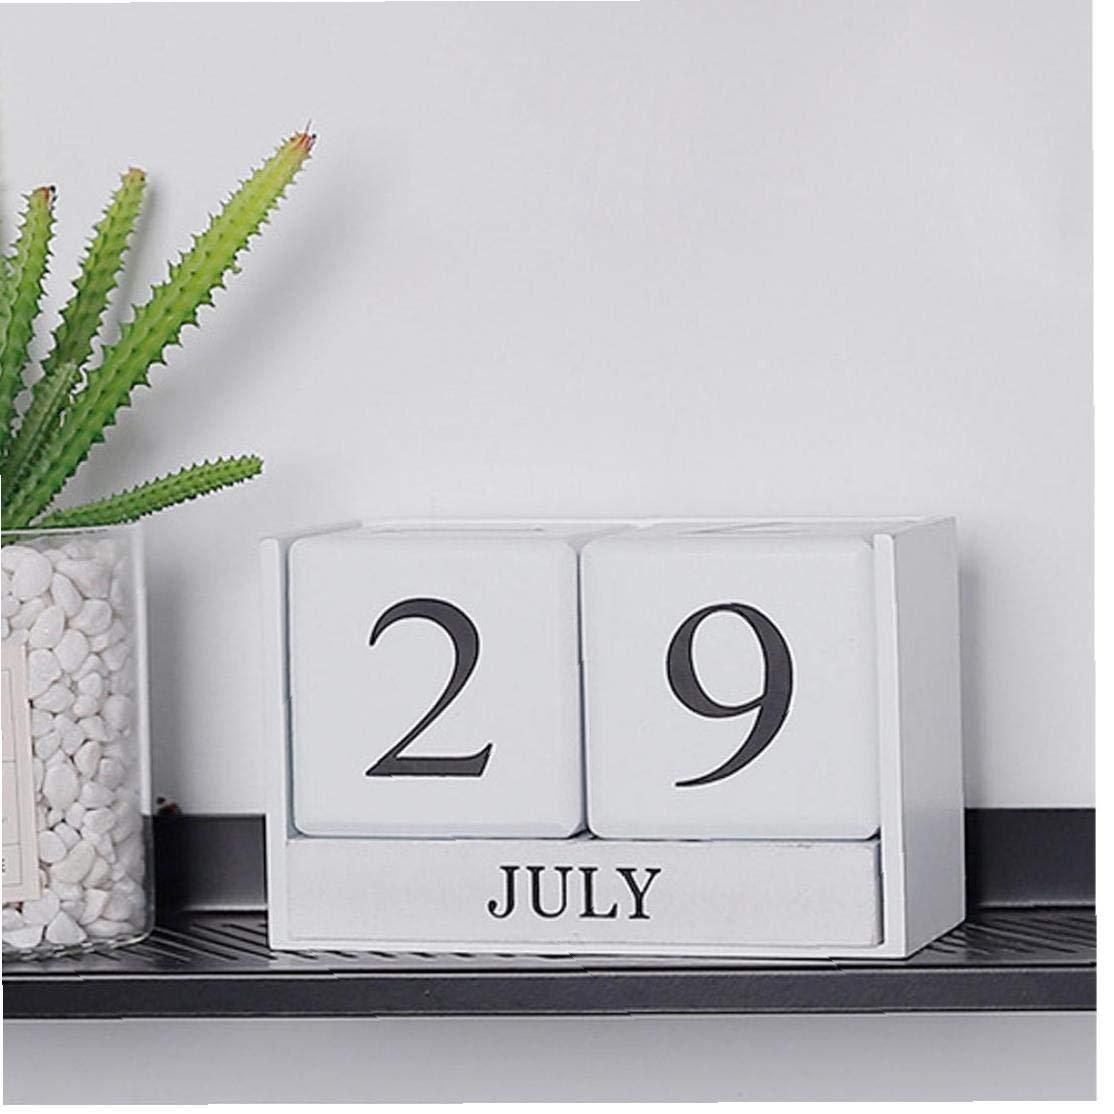 Vintage Legno Advent Table Desk Calendar Blocco Di Legno Planer Permanente Agenda Organizer Desktop